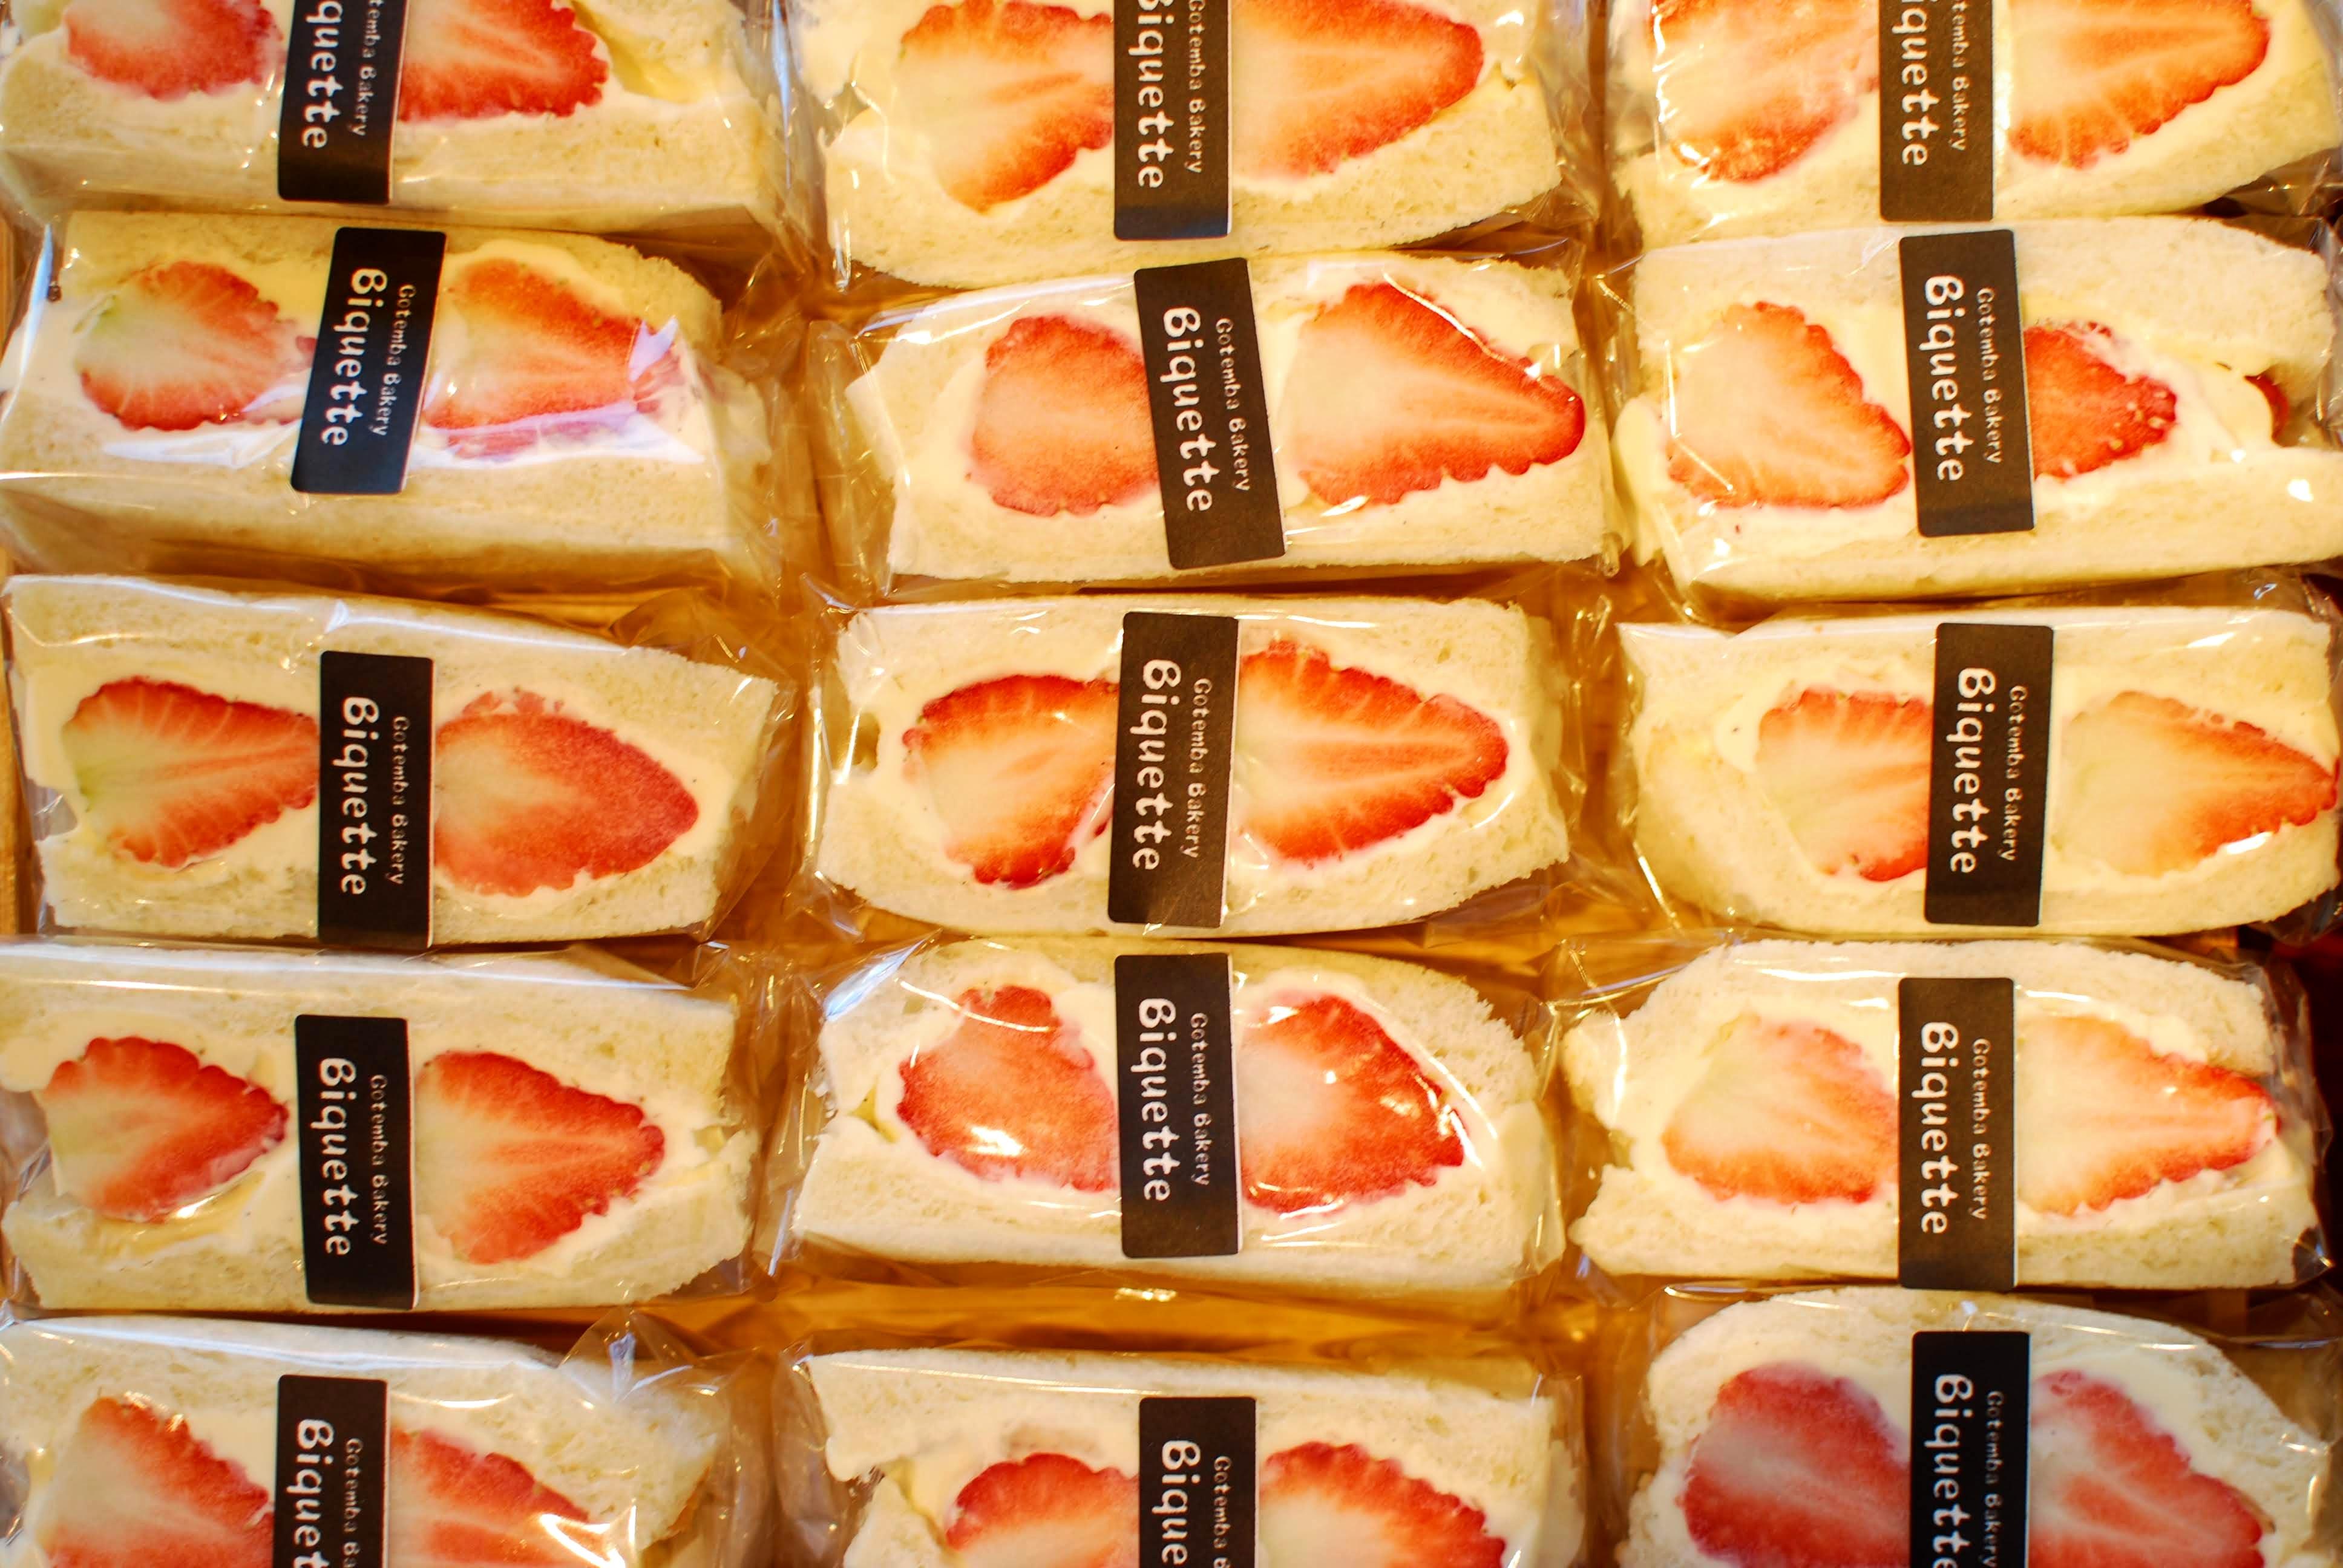 春の大人気商品「イチゴのフルーツサンド」